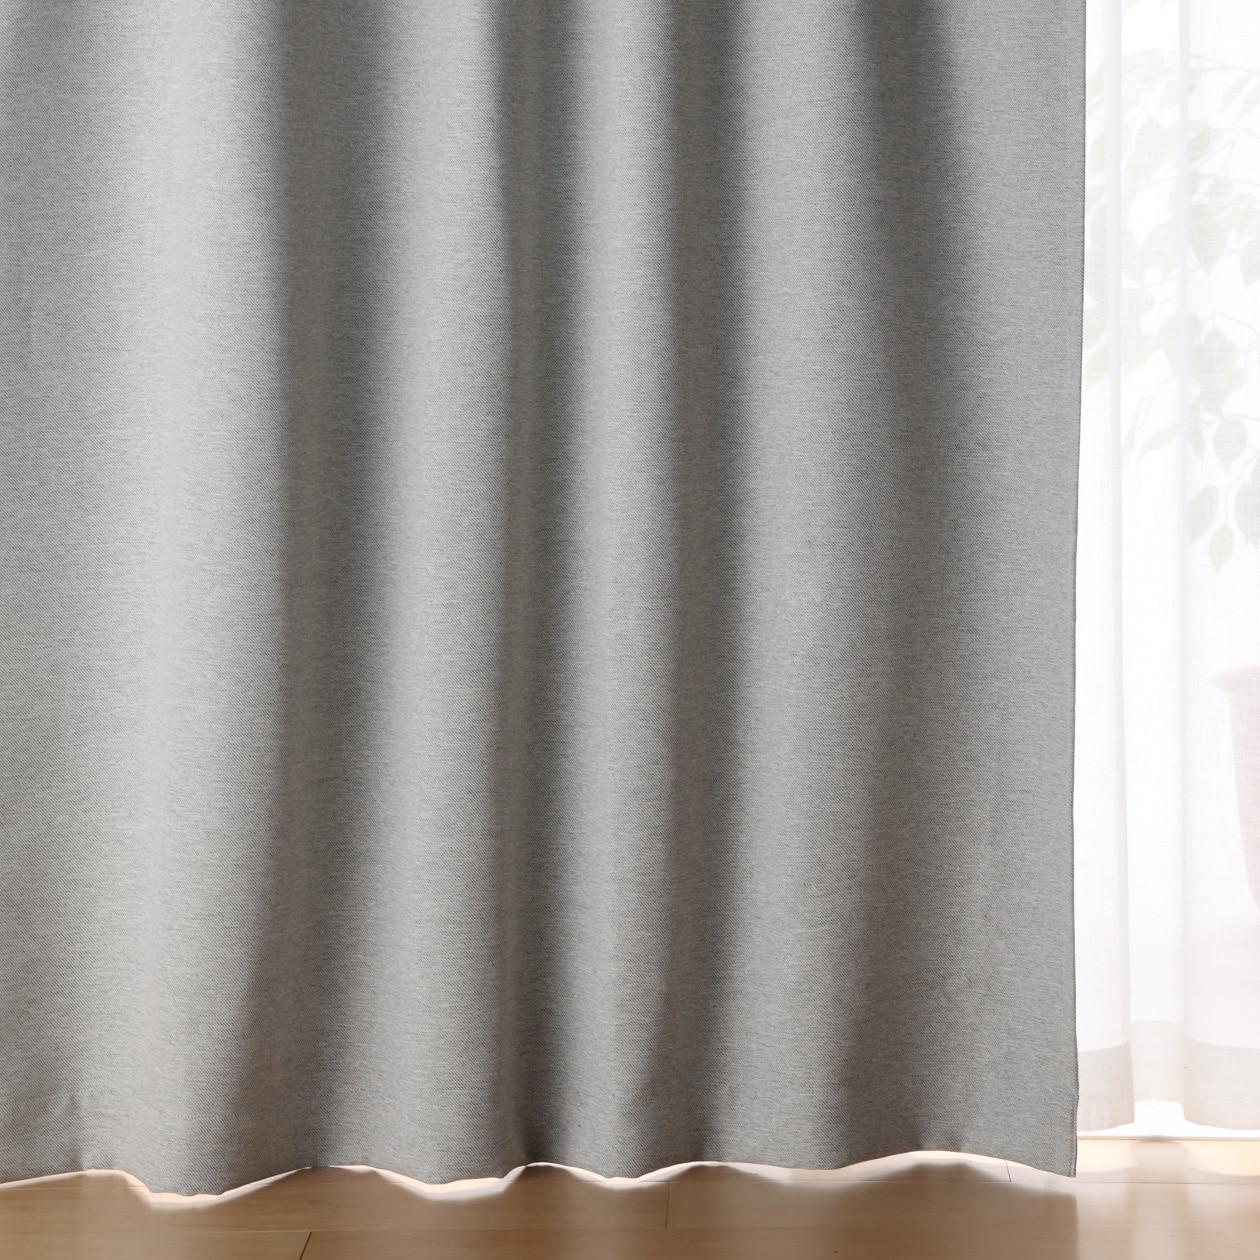 ポリエステル二重織プリーツカーテン(防炎・遮光性)/杢ライトグレー 幅100×丈178cm